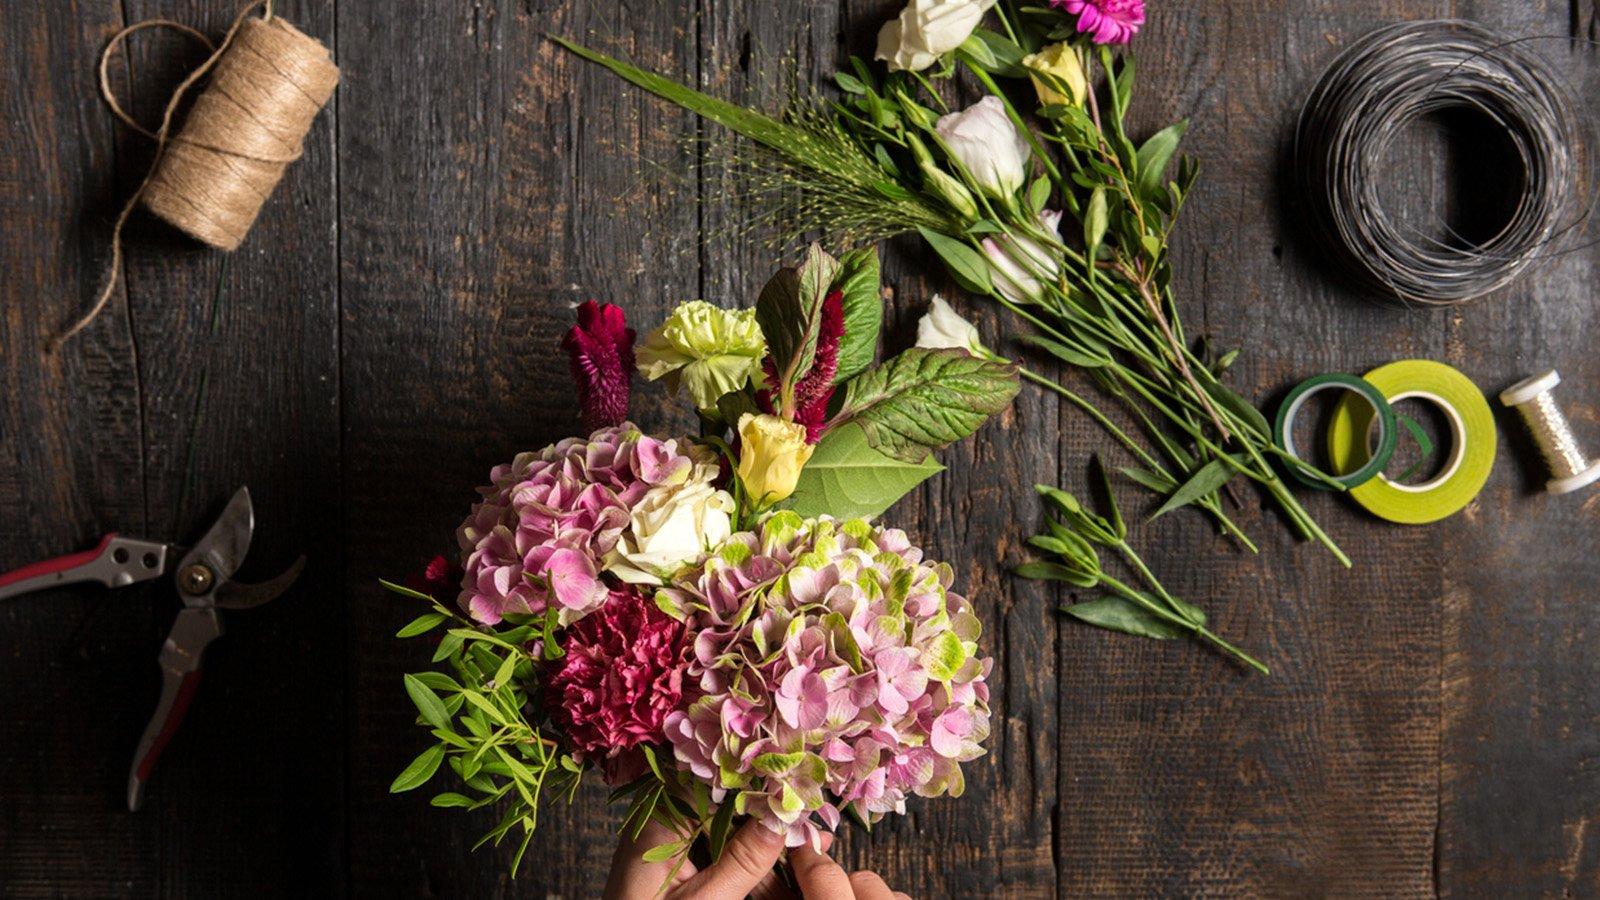 Florist supplies on a table at Moulié Fleurs